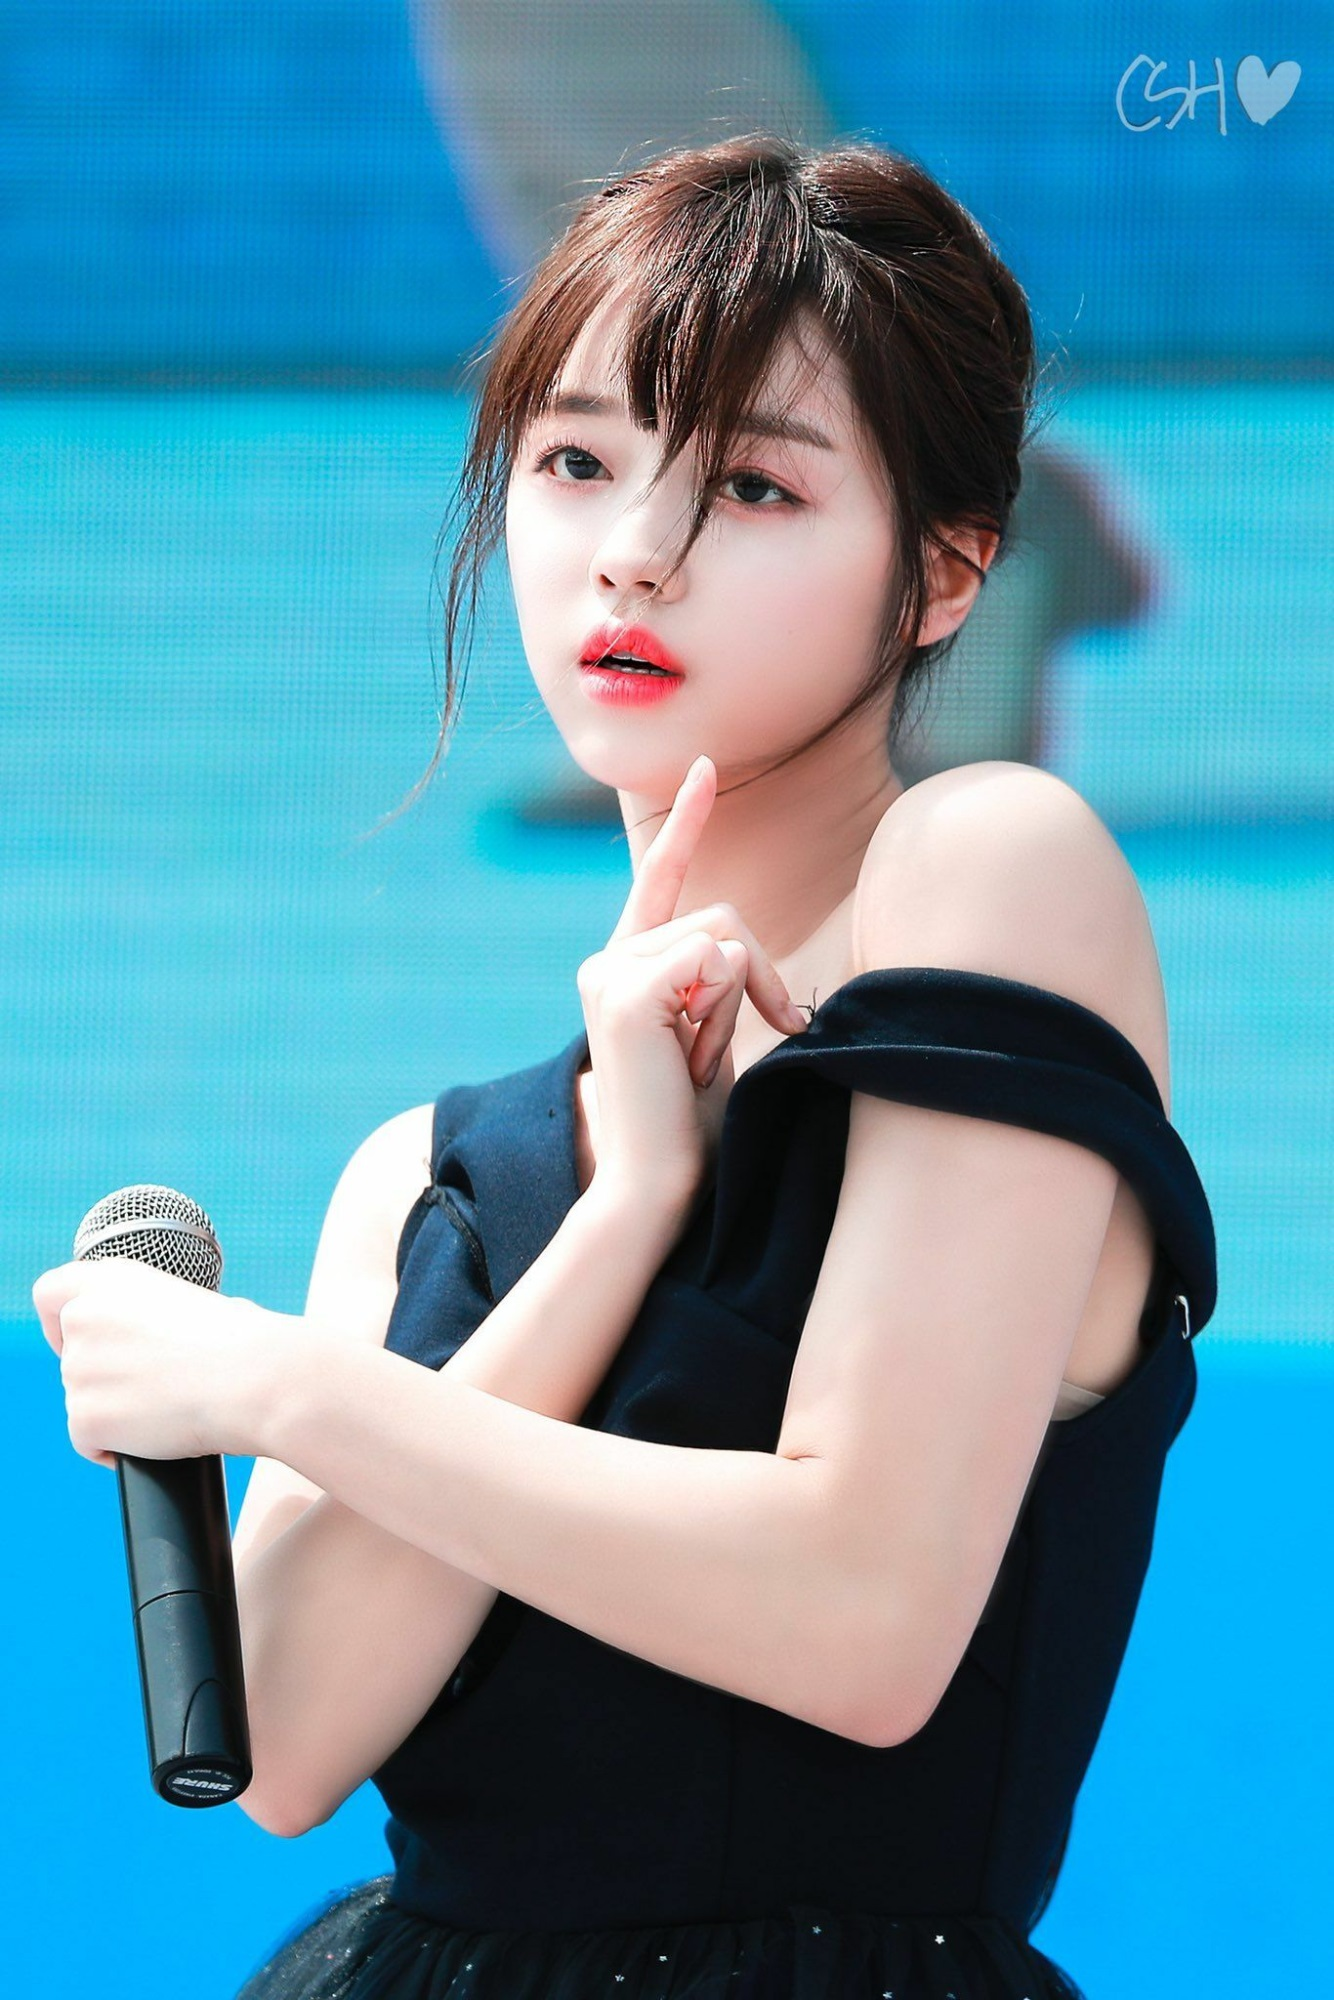 Nếu chung một lớp, những girlgroup Kpop sẽ là mẫu nữ sinh nào? - Ảnh 14